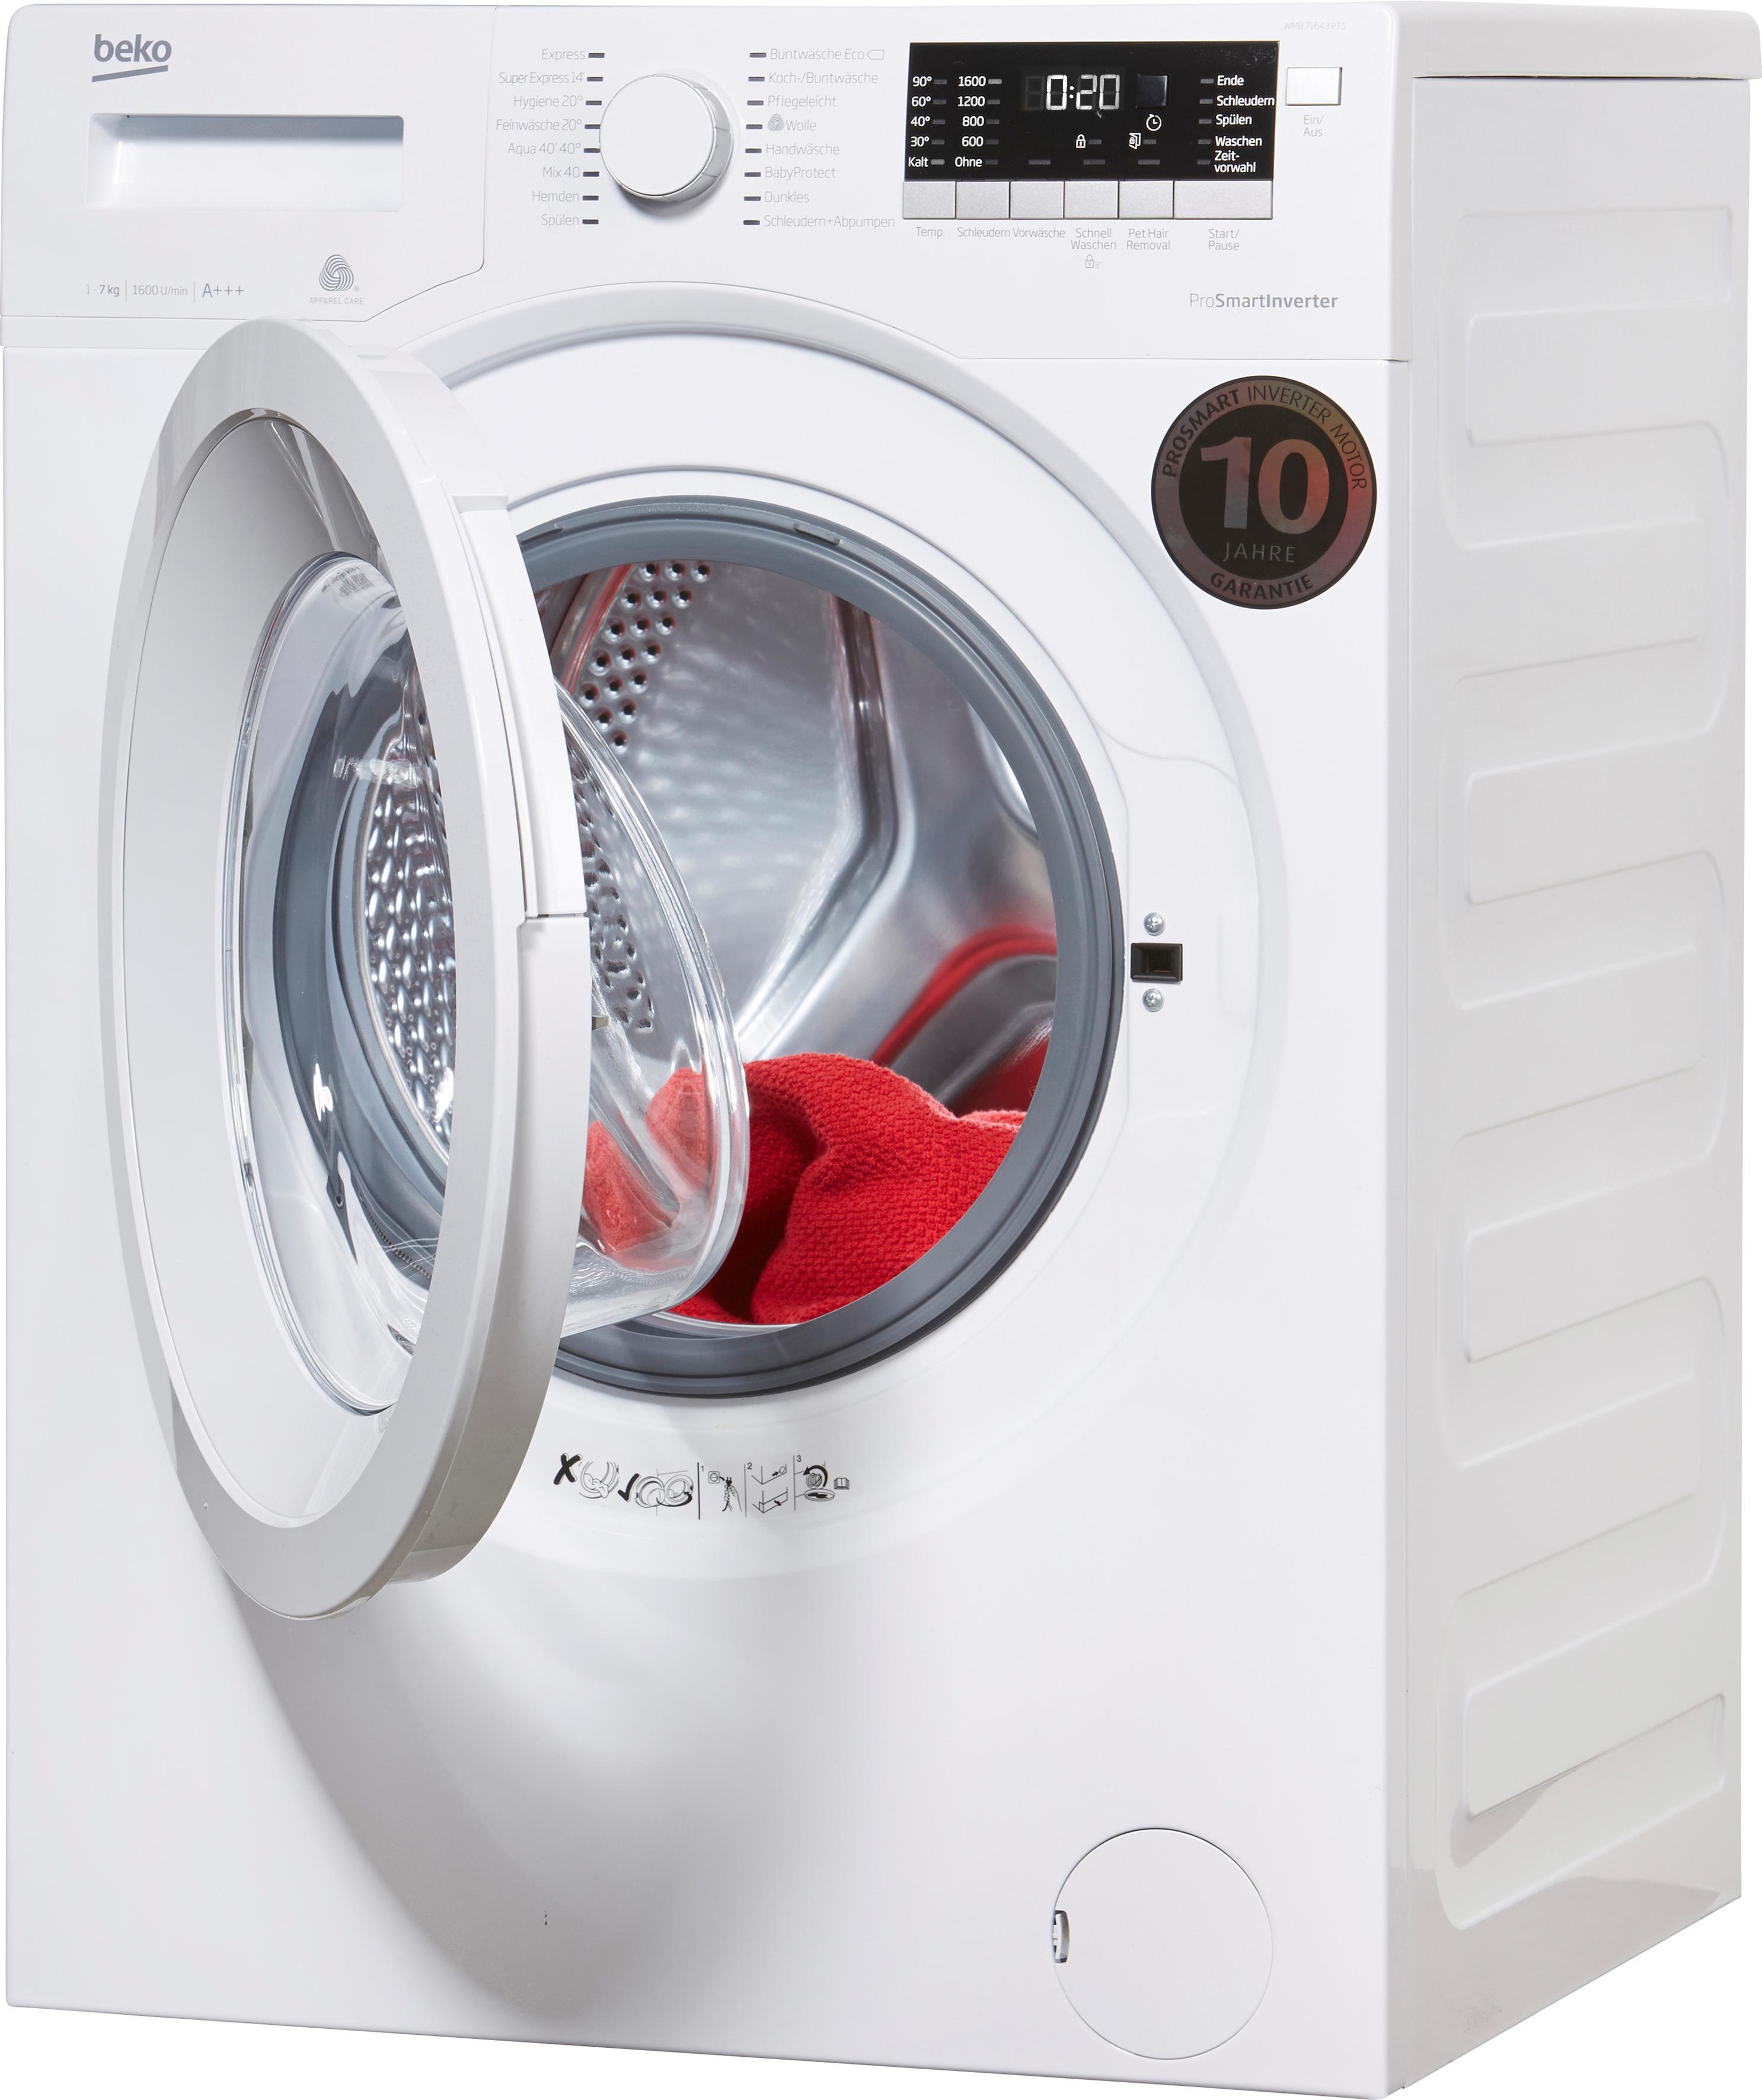 beko waschmaschine wmb 71643 pts jetzt online bei otto. Black Bedroom Furniture Sets. Home Design Ideas